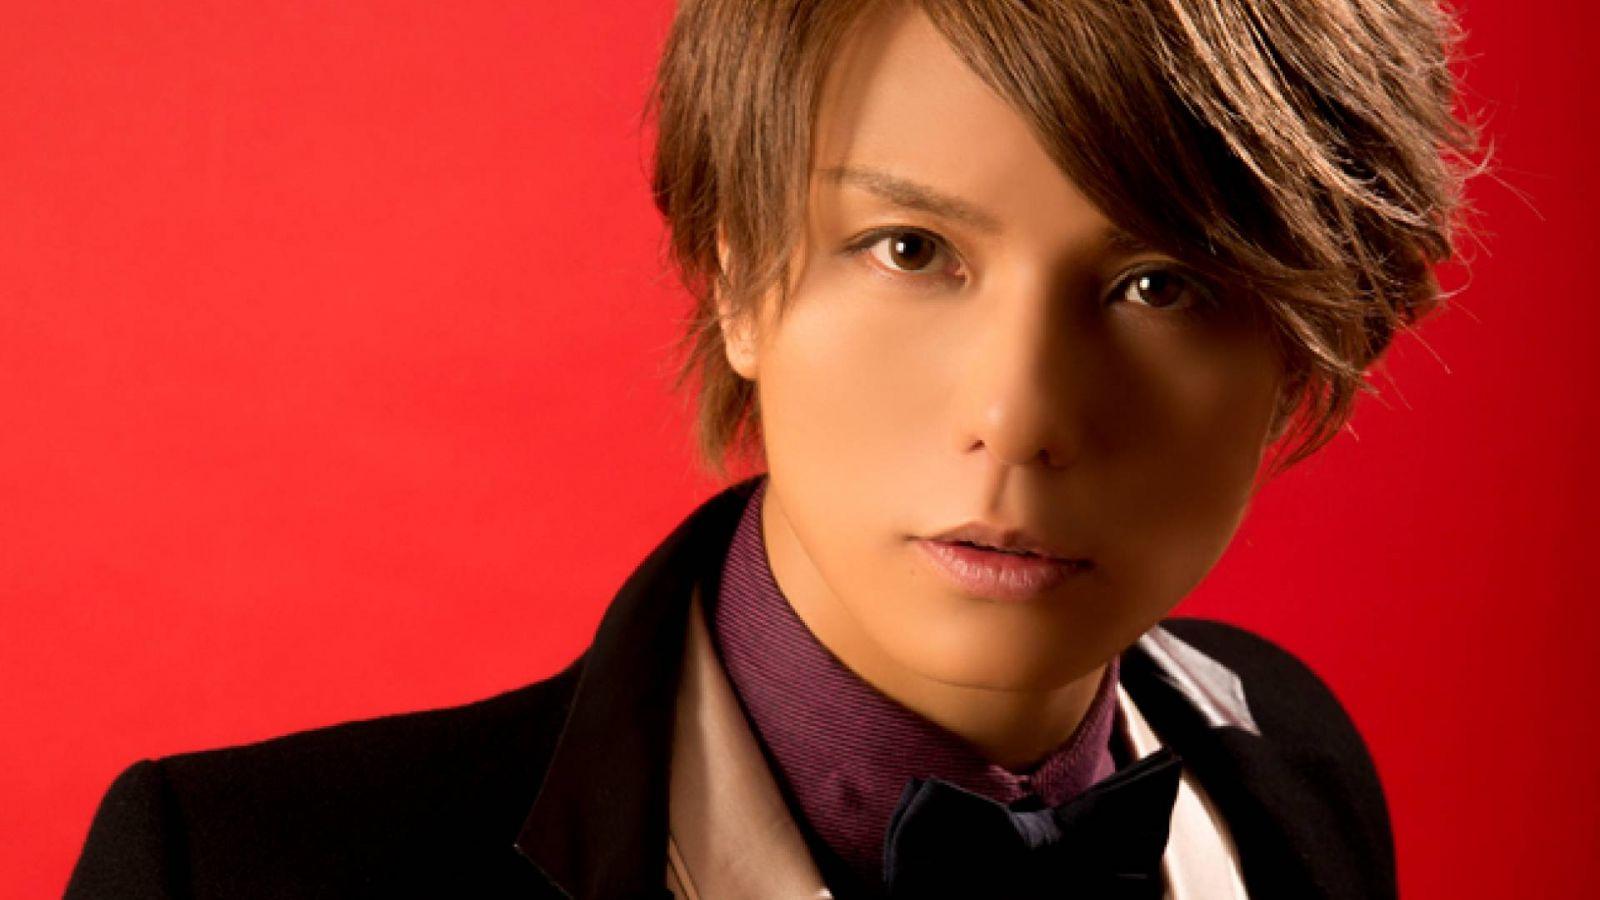 Le chanteur de D=OUT débute un projet solo © 2015 Tokuma Japan Communications CO., all rights reserved.